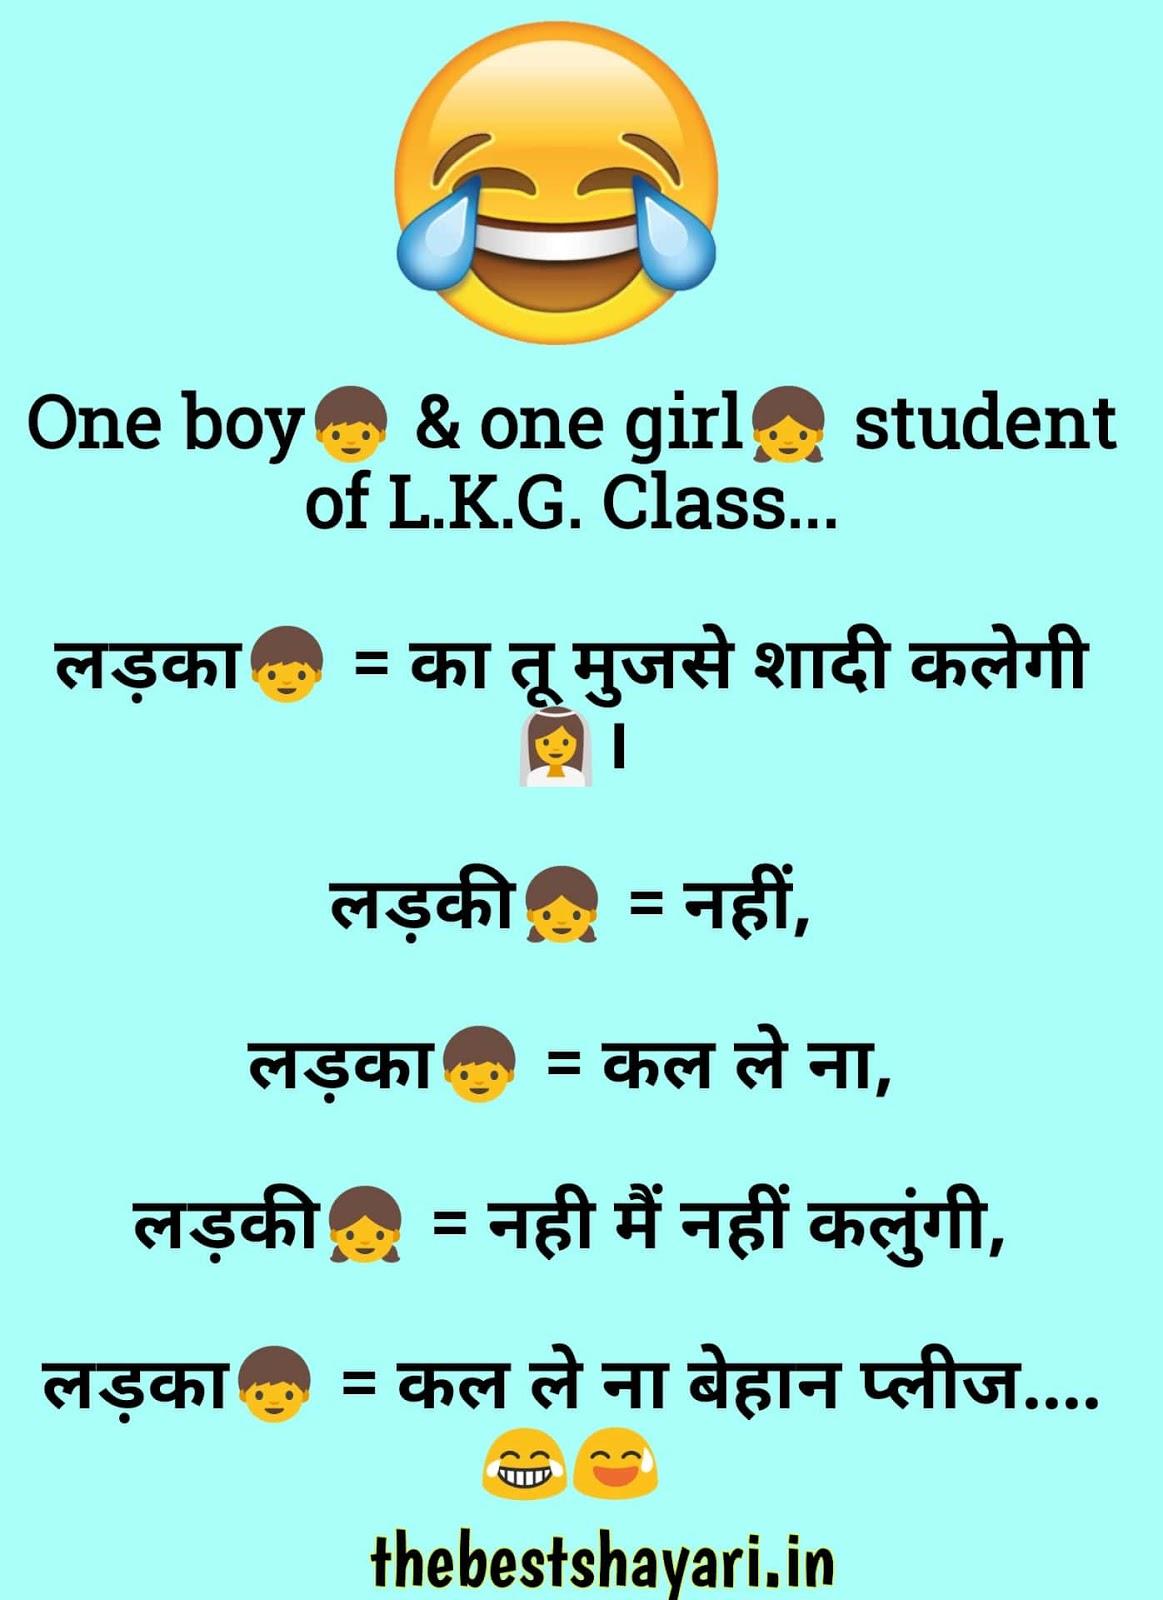 Hasi majak chutkule hindi